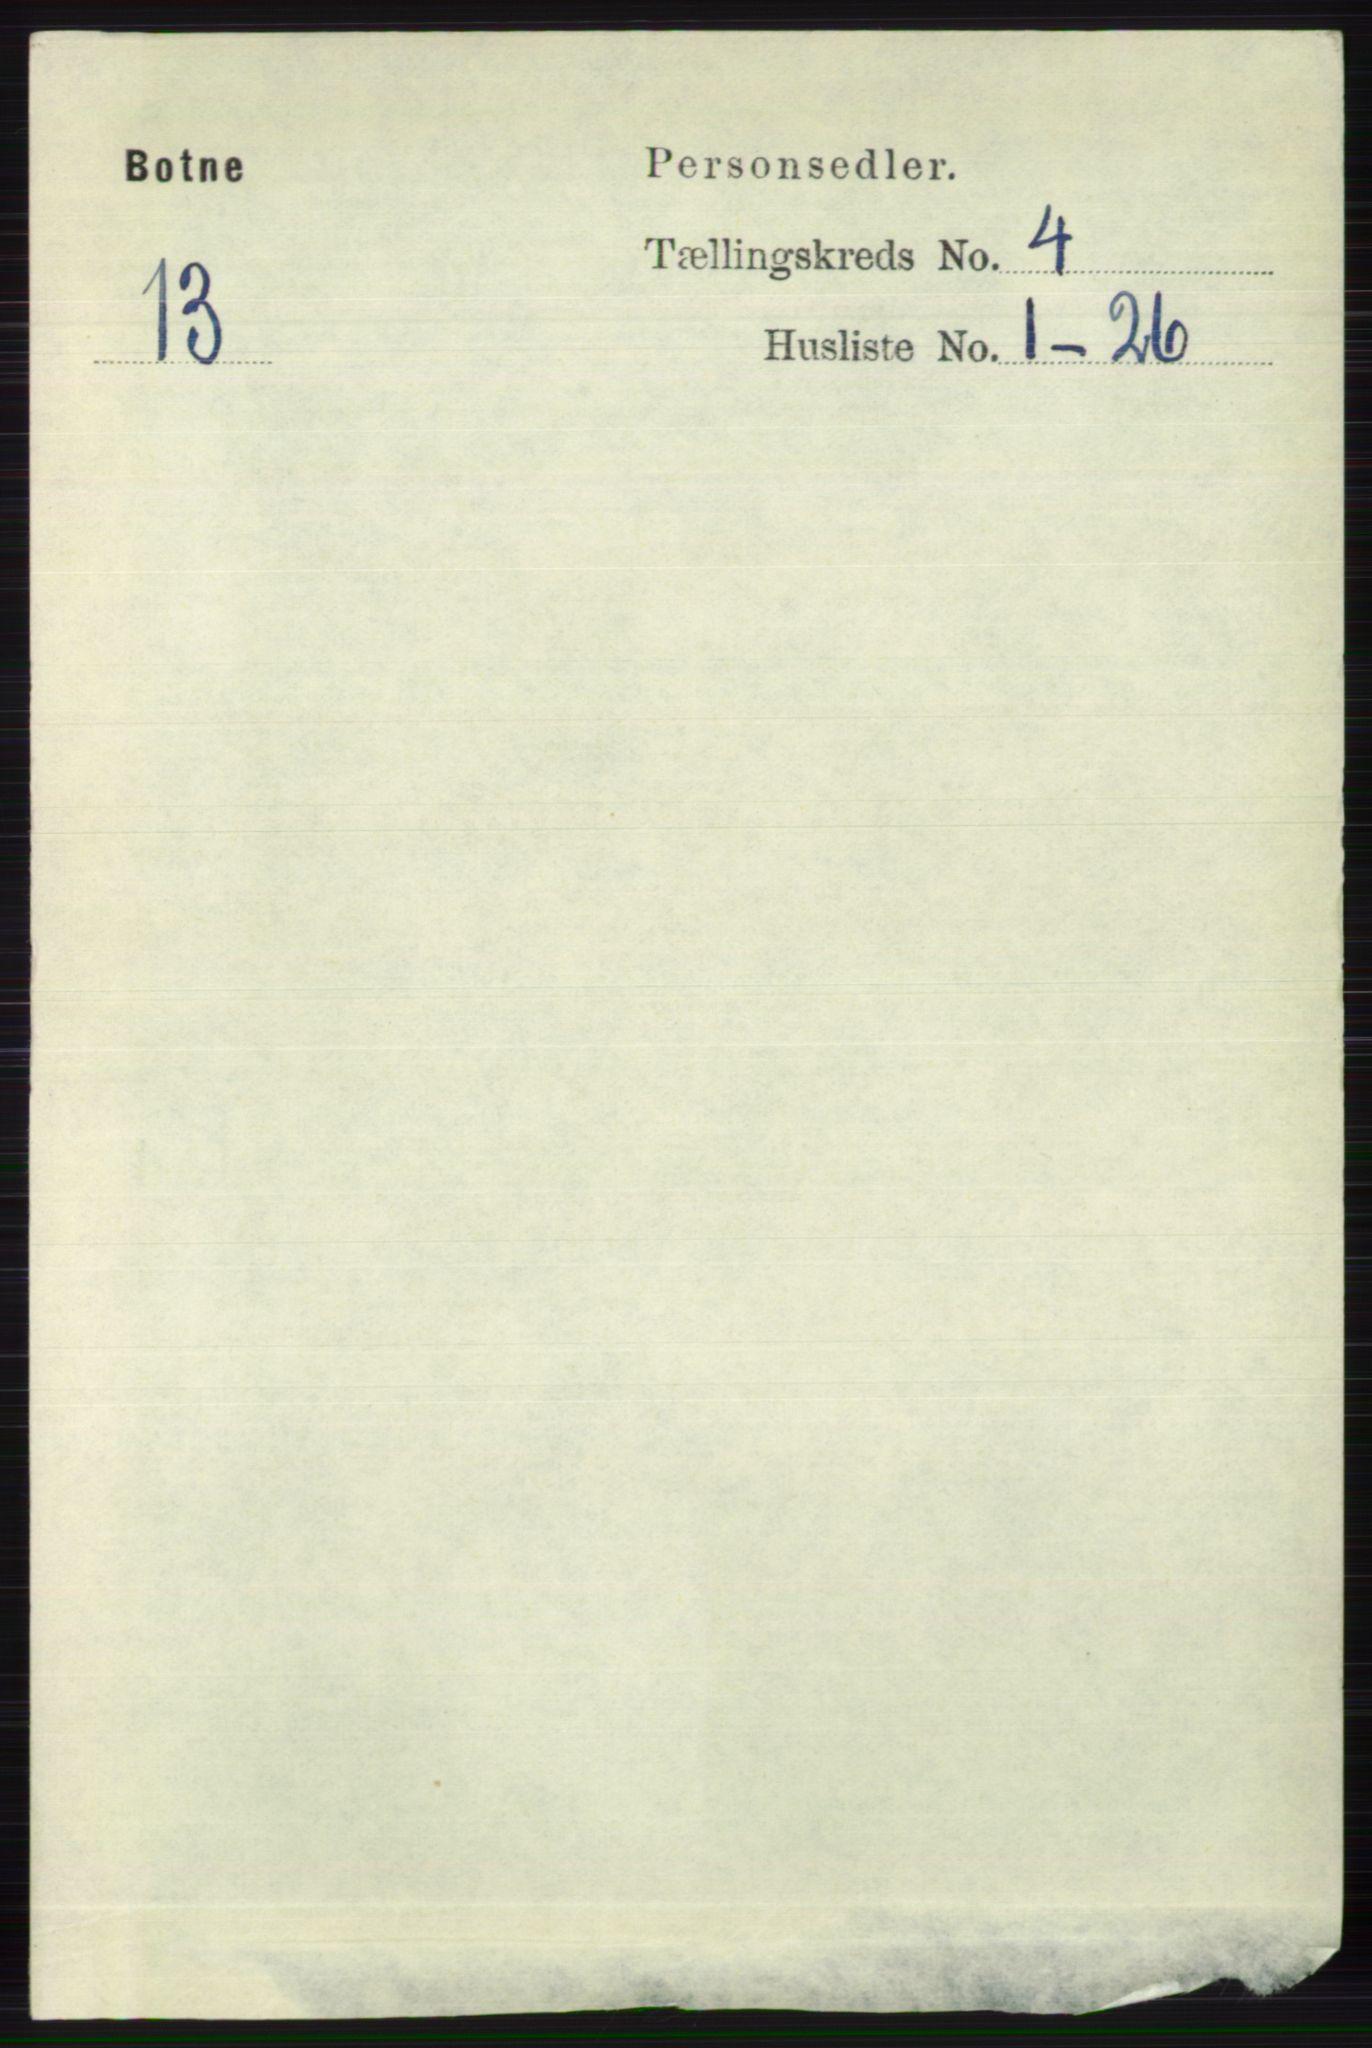 RA, Folketelling 1891 for 0715 Botne herred, 1891, s. 1599